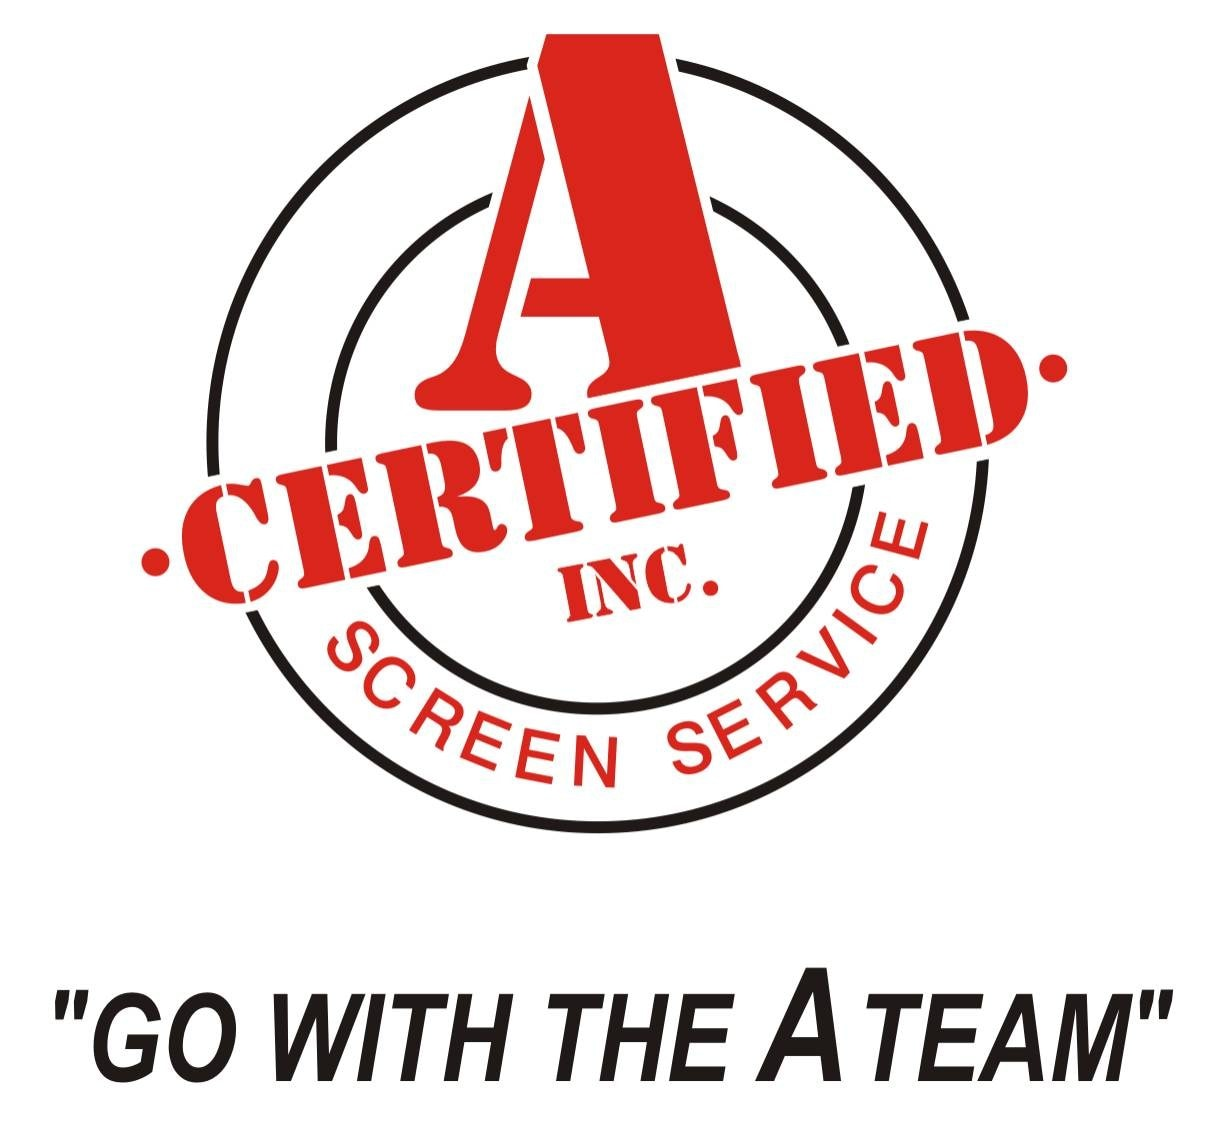 A Certified Screen Service Inc